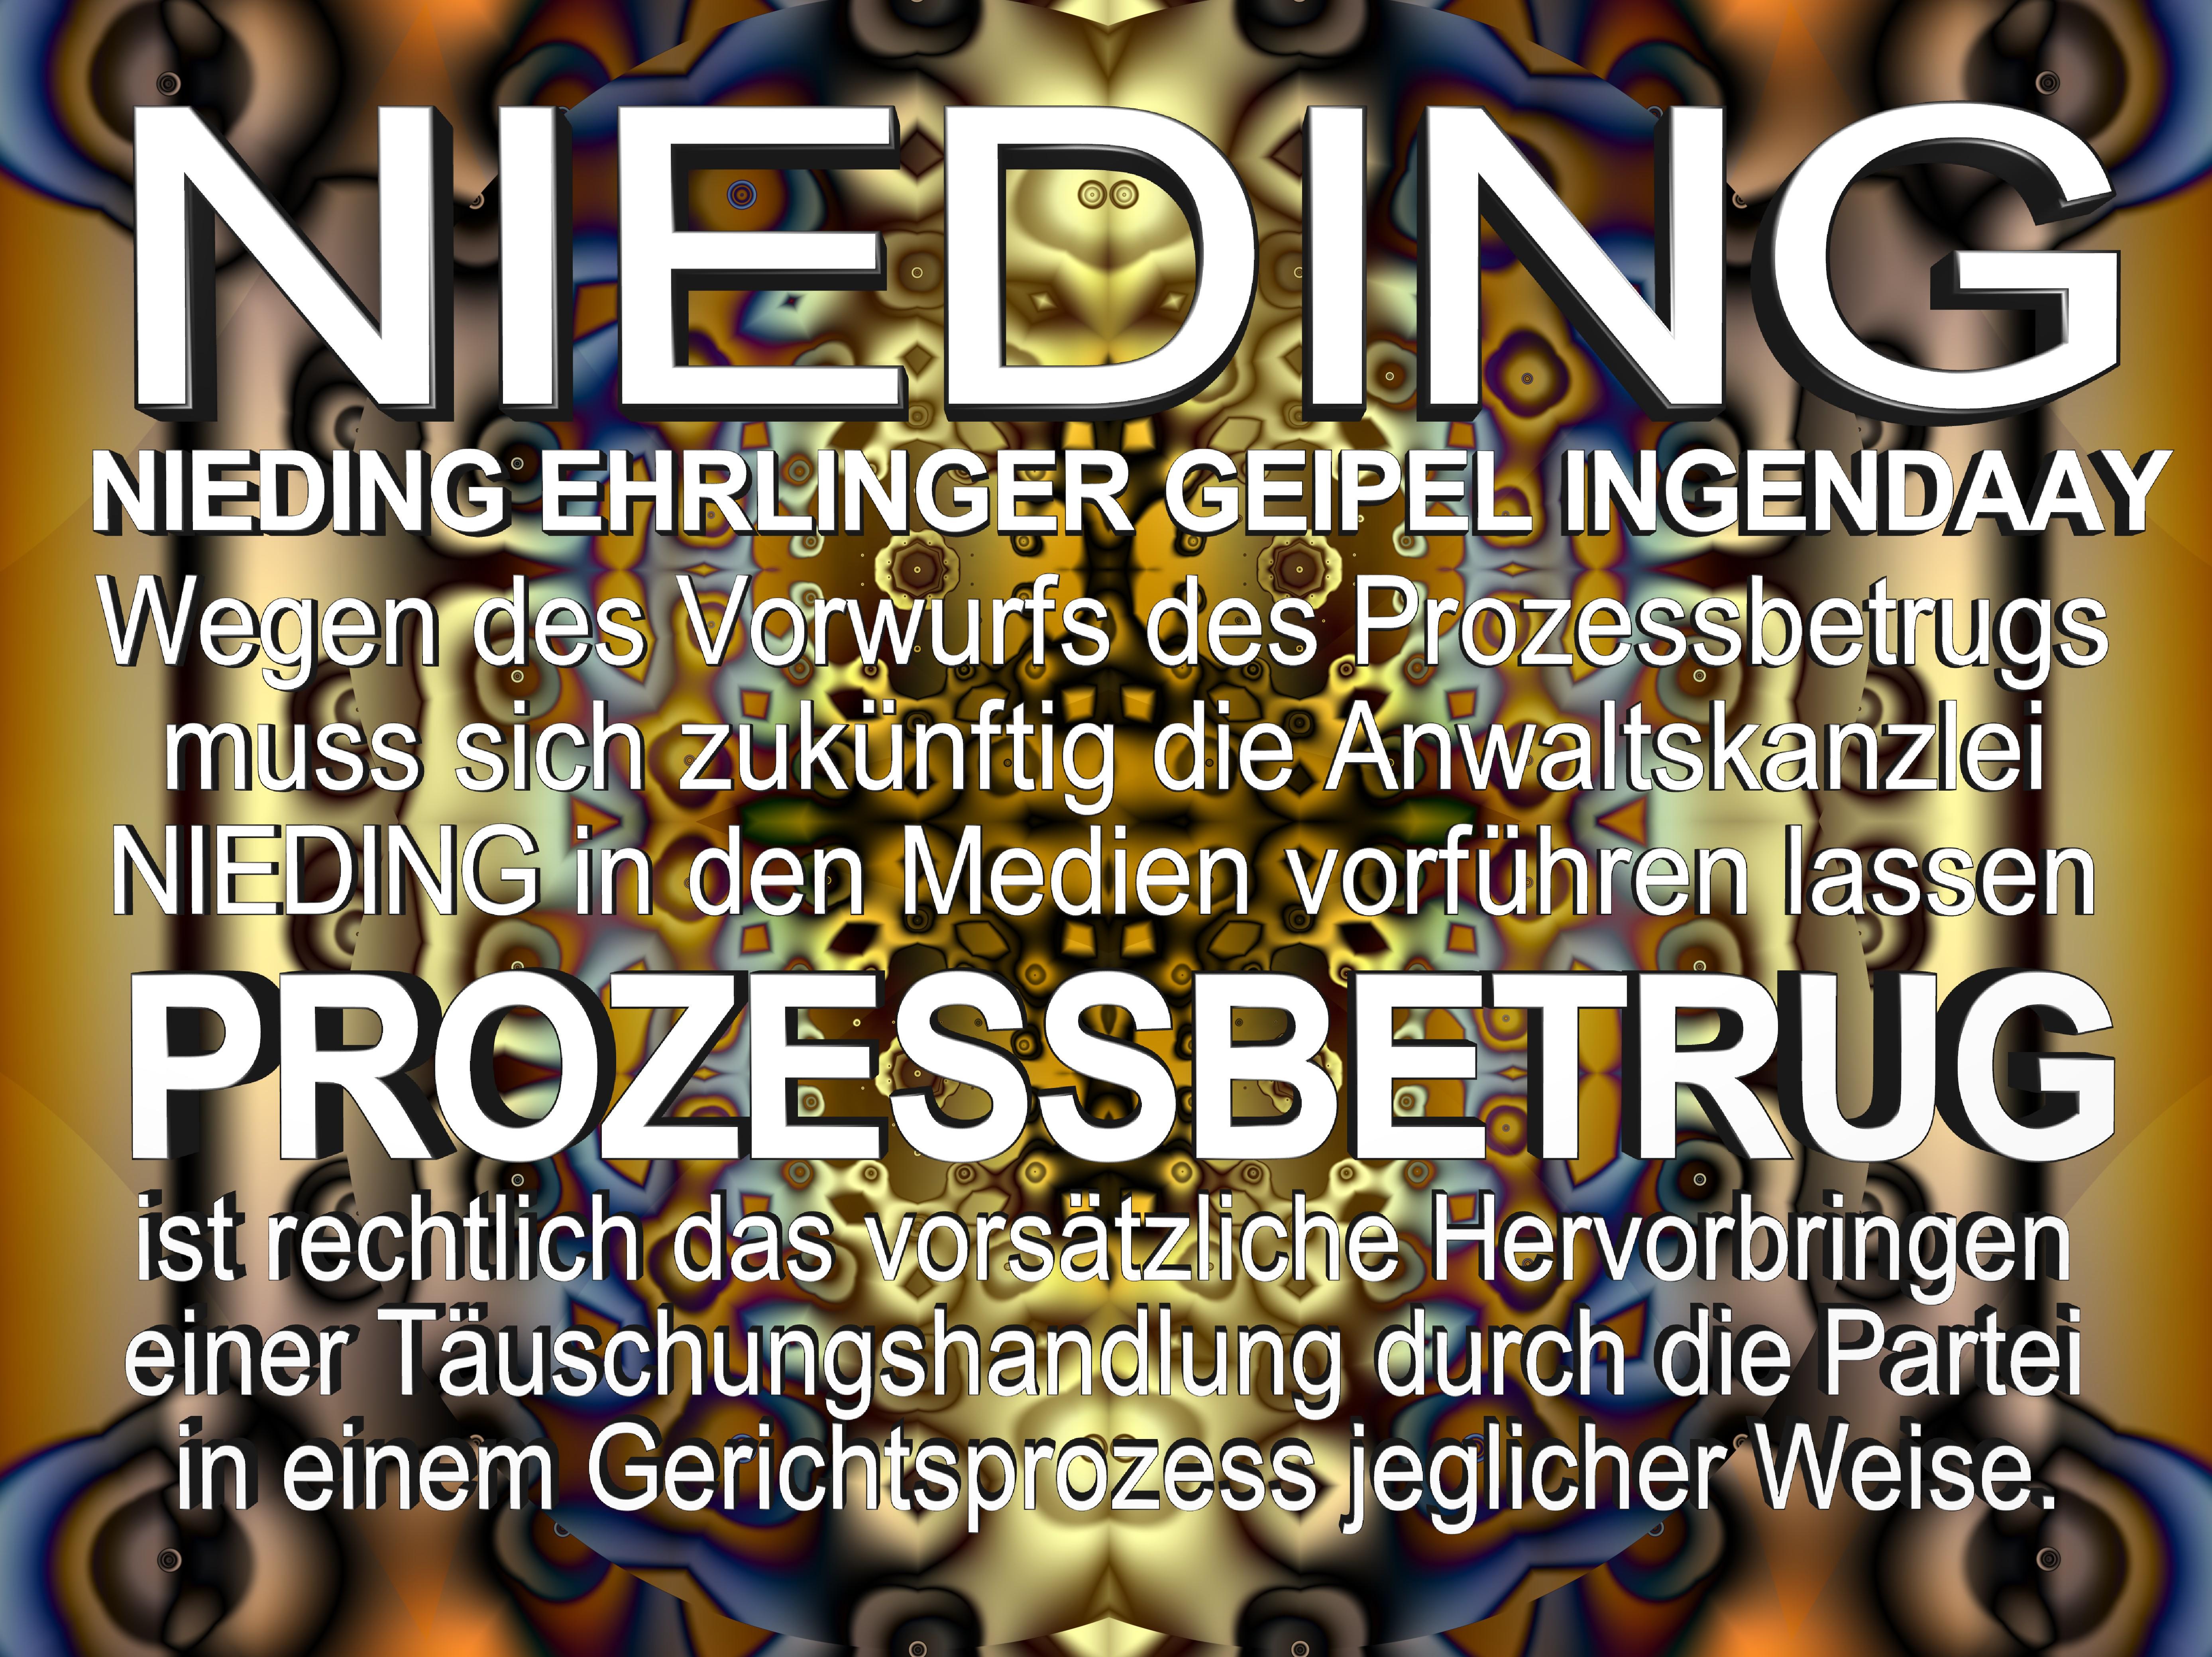 NIEDING EHRLINGER GEIPEL INGENDAAY LELKE Kurfürstendamm 66 Berlin (176)